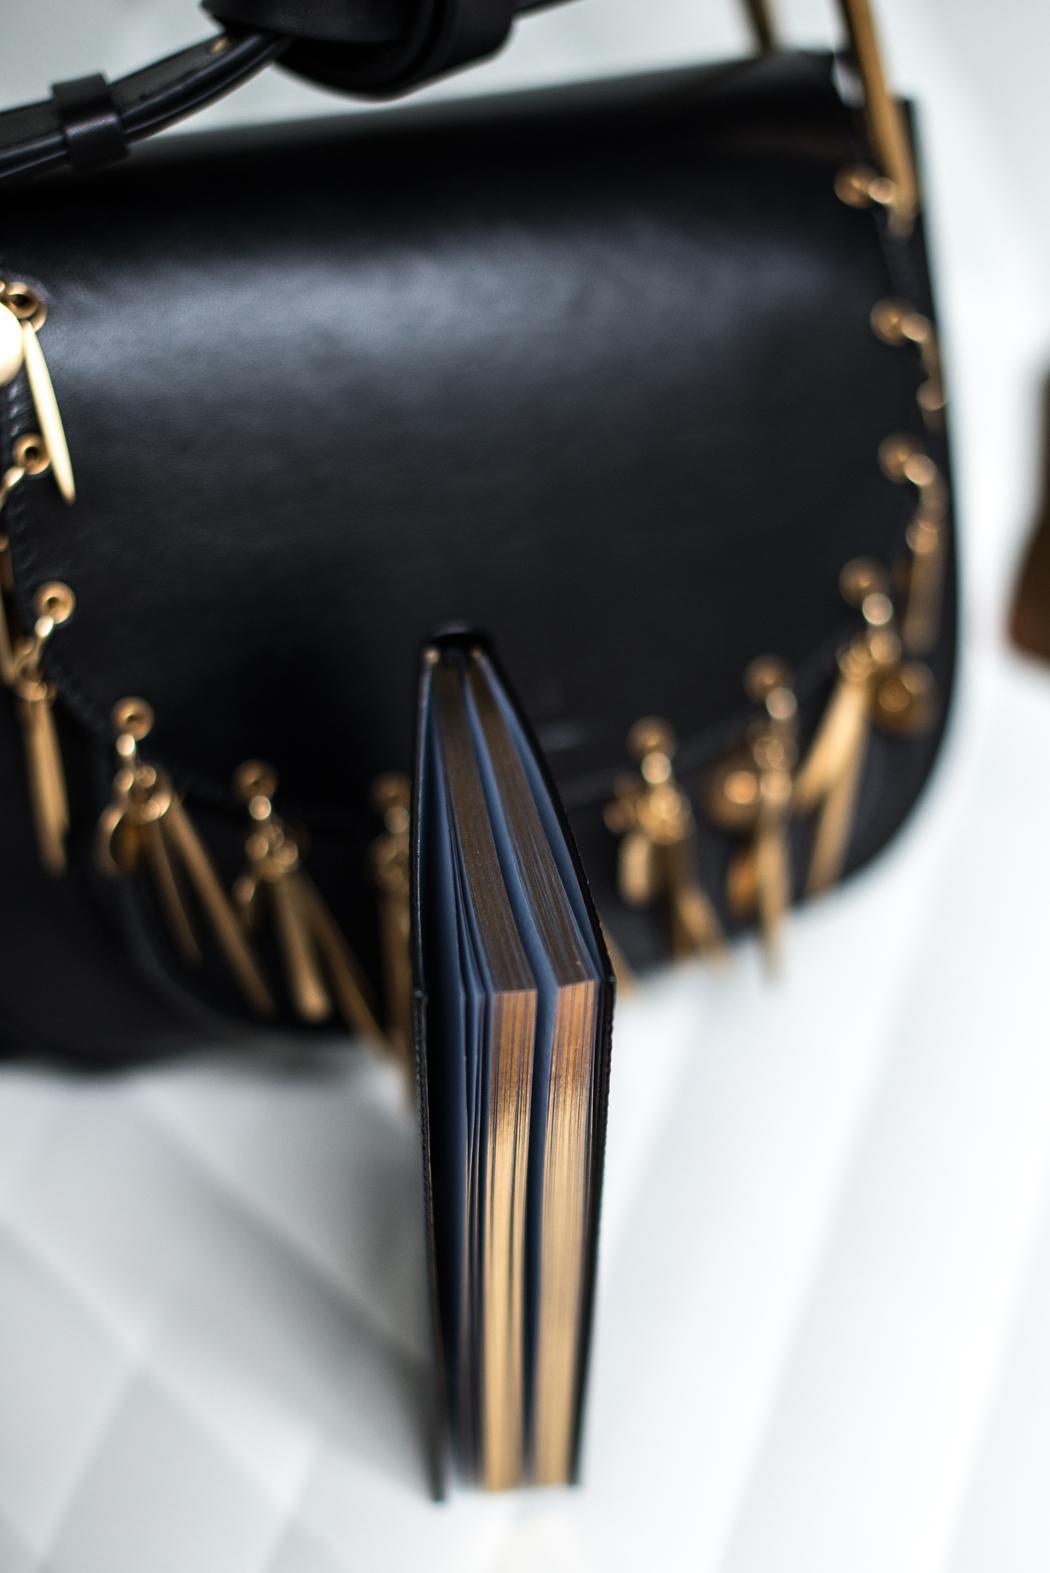 Fashionblog-Fashionblogger-Fashion-Blog-Blogger-Lindarella-Lifestyle-Chloe_Hudson_Bag-Chloe_Hudson_Mini_Charm-Chloe_Bag-Chloegirls-5